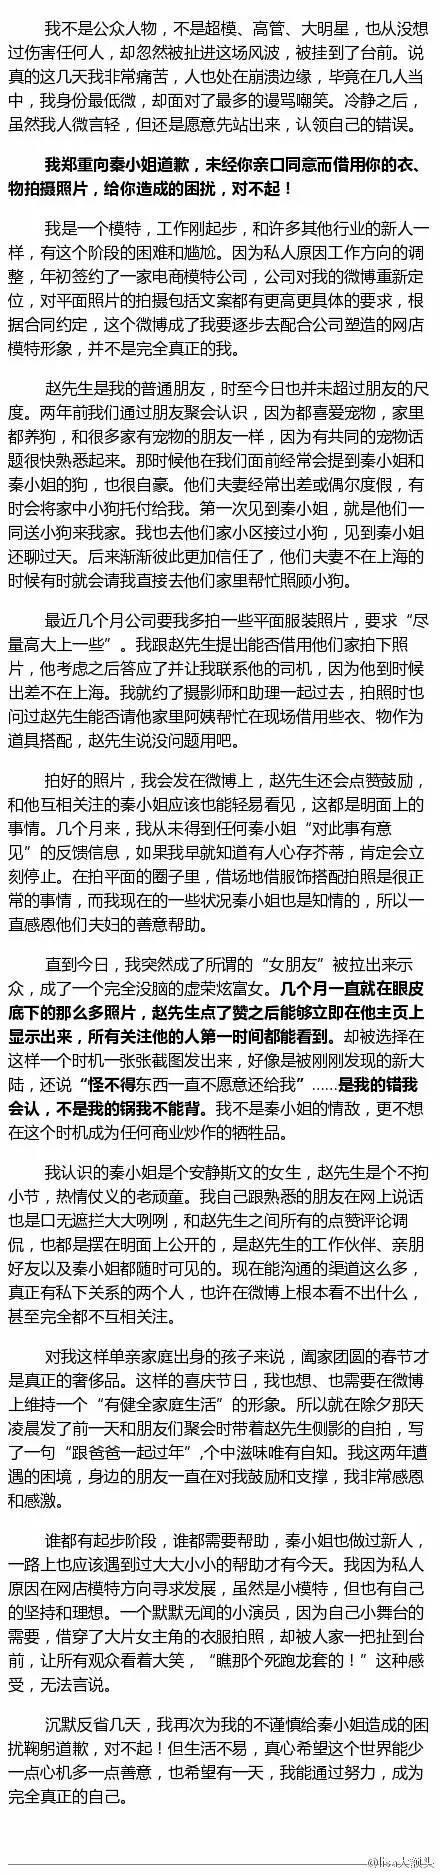 秦舒培落选维密大秀,前夫发微博庆祝暗讽对方!